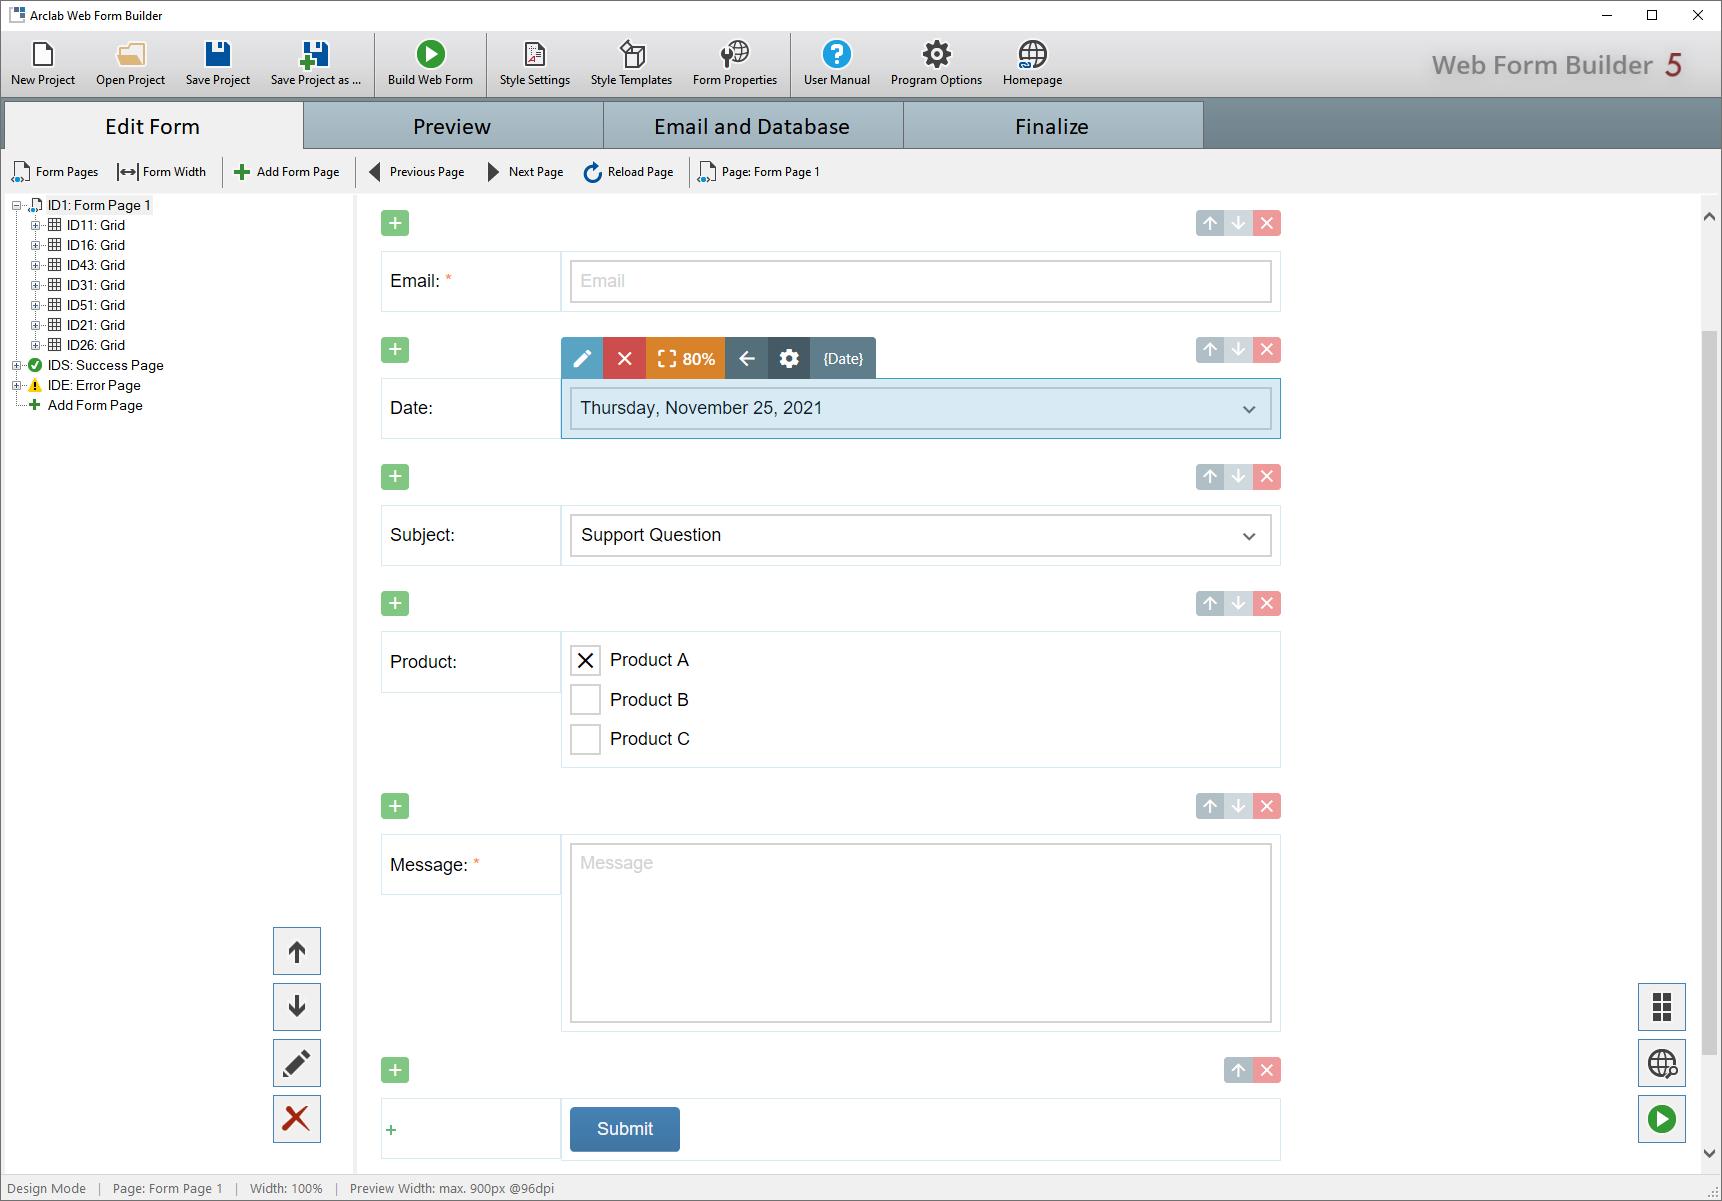 Full Arclab Web Form Builder screenshot